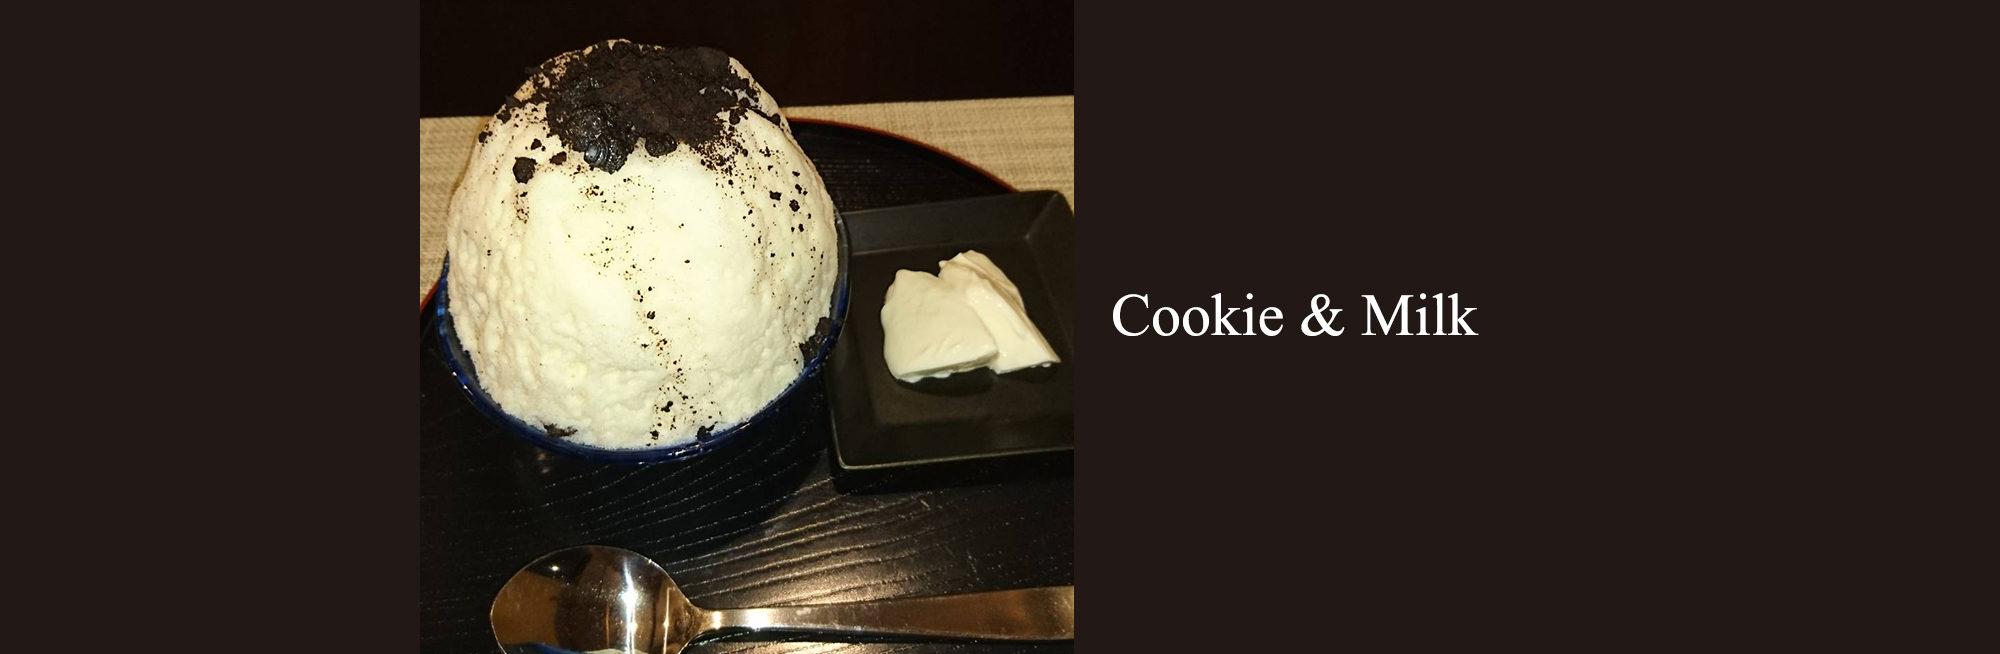 日光天然氷のかき氷クッキー&ミルク